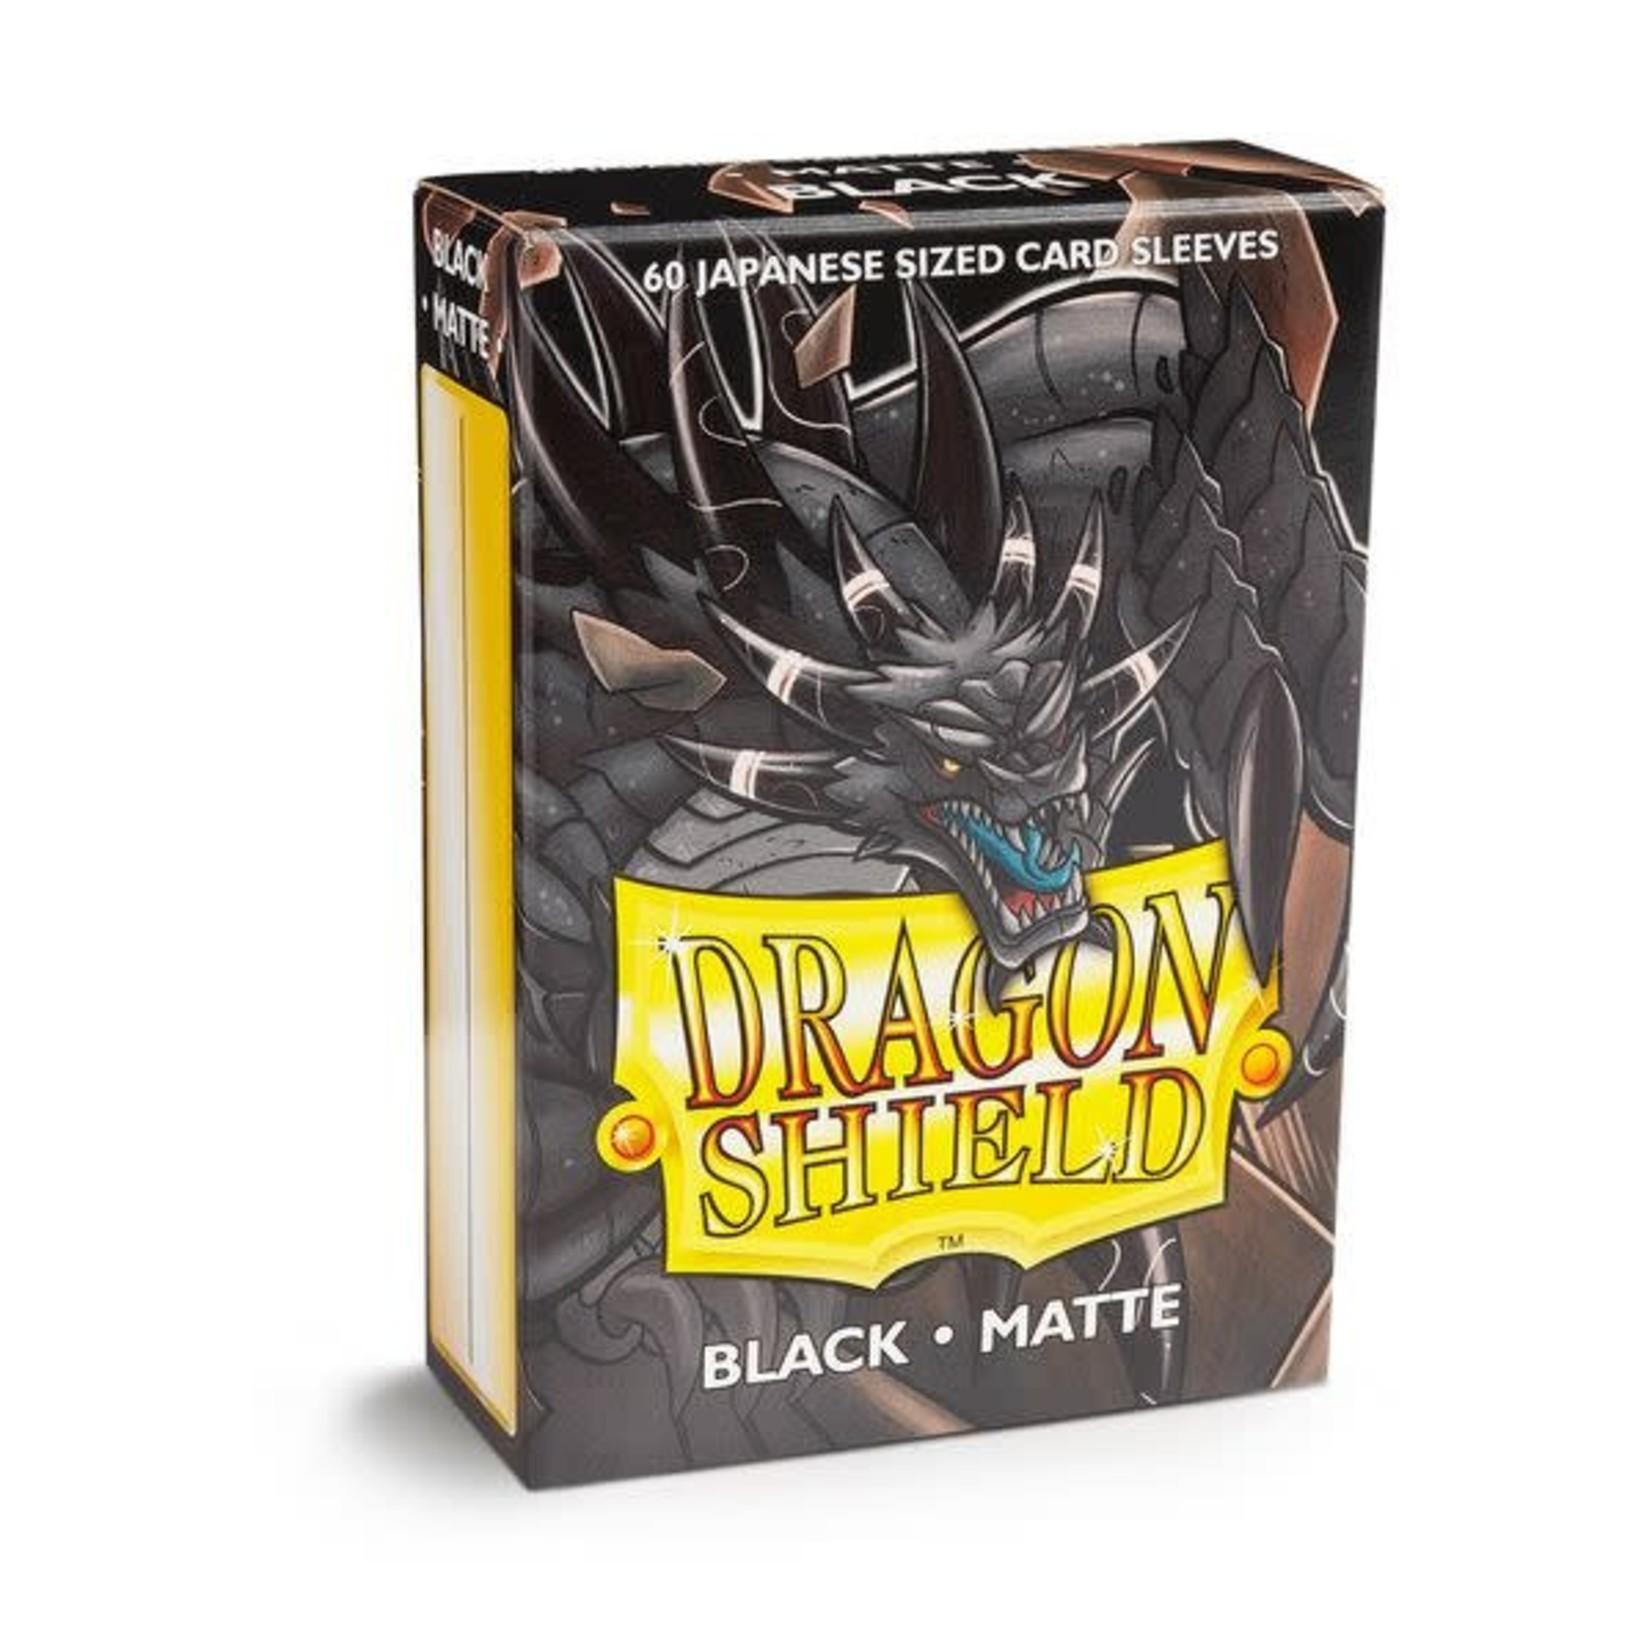 Dragon Shield Matte Black (60 count) Small